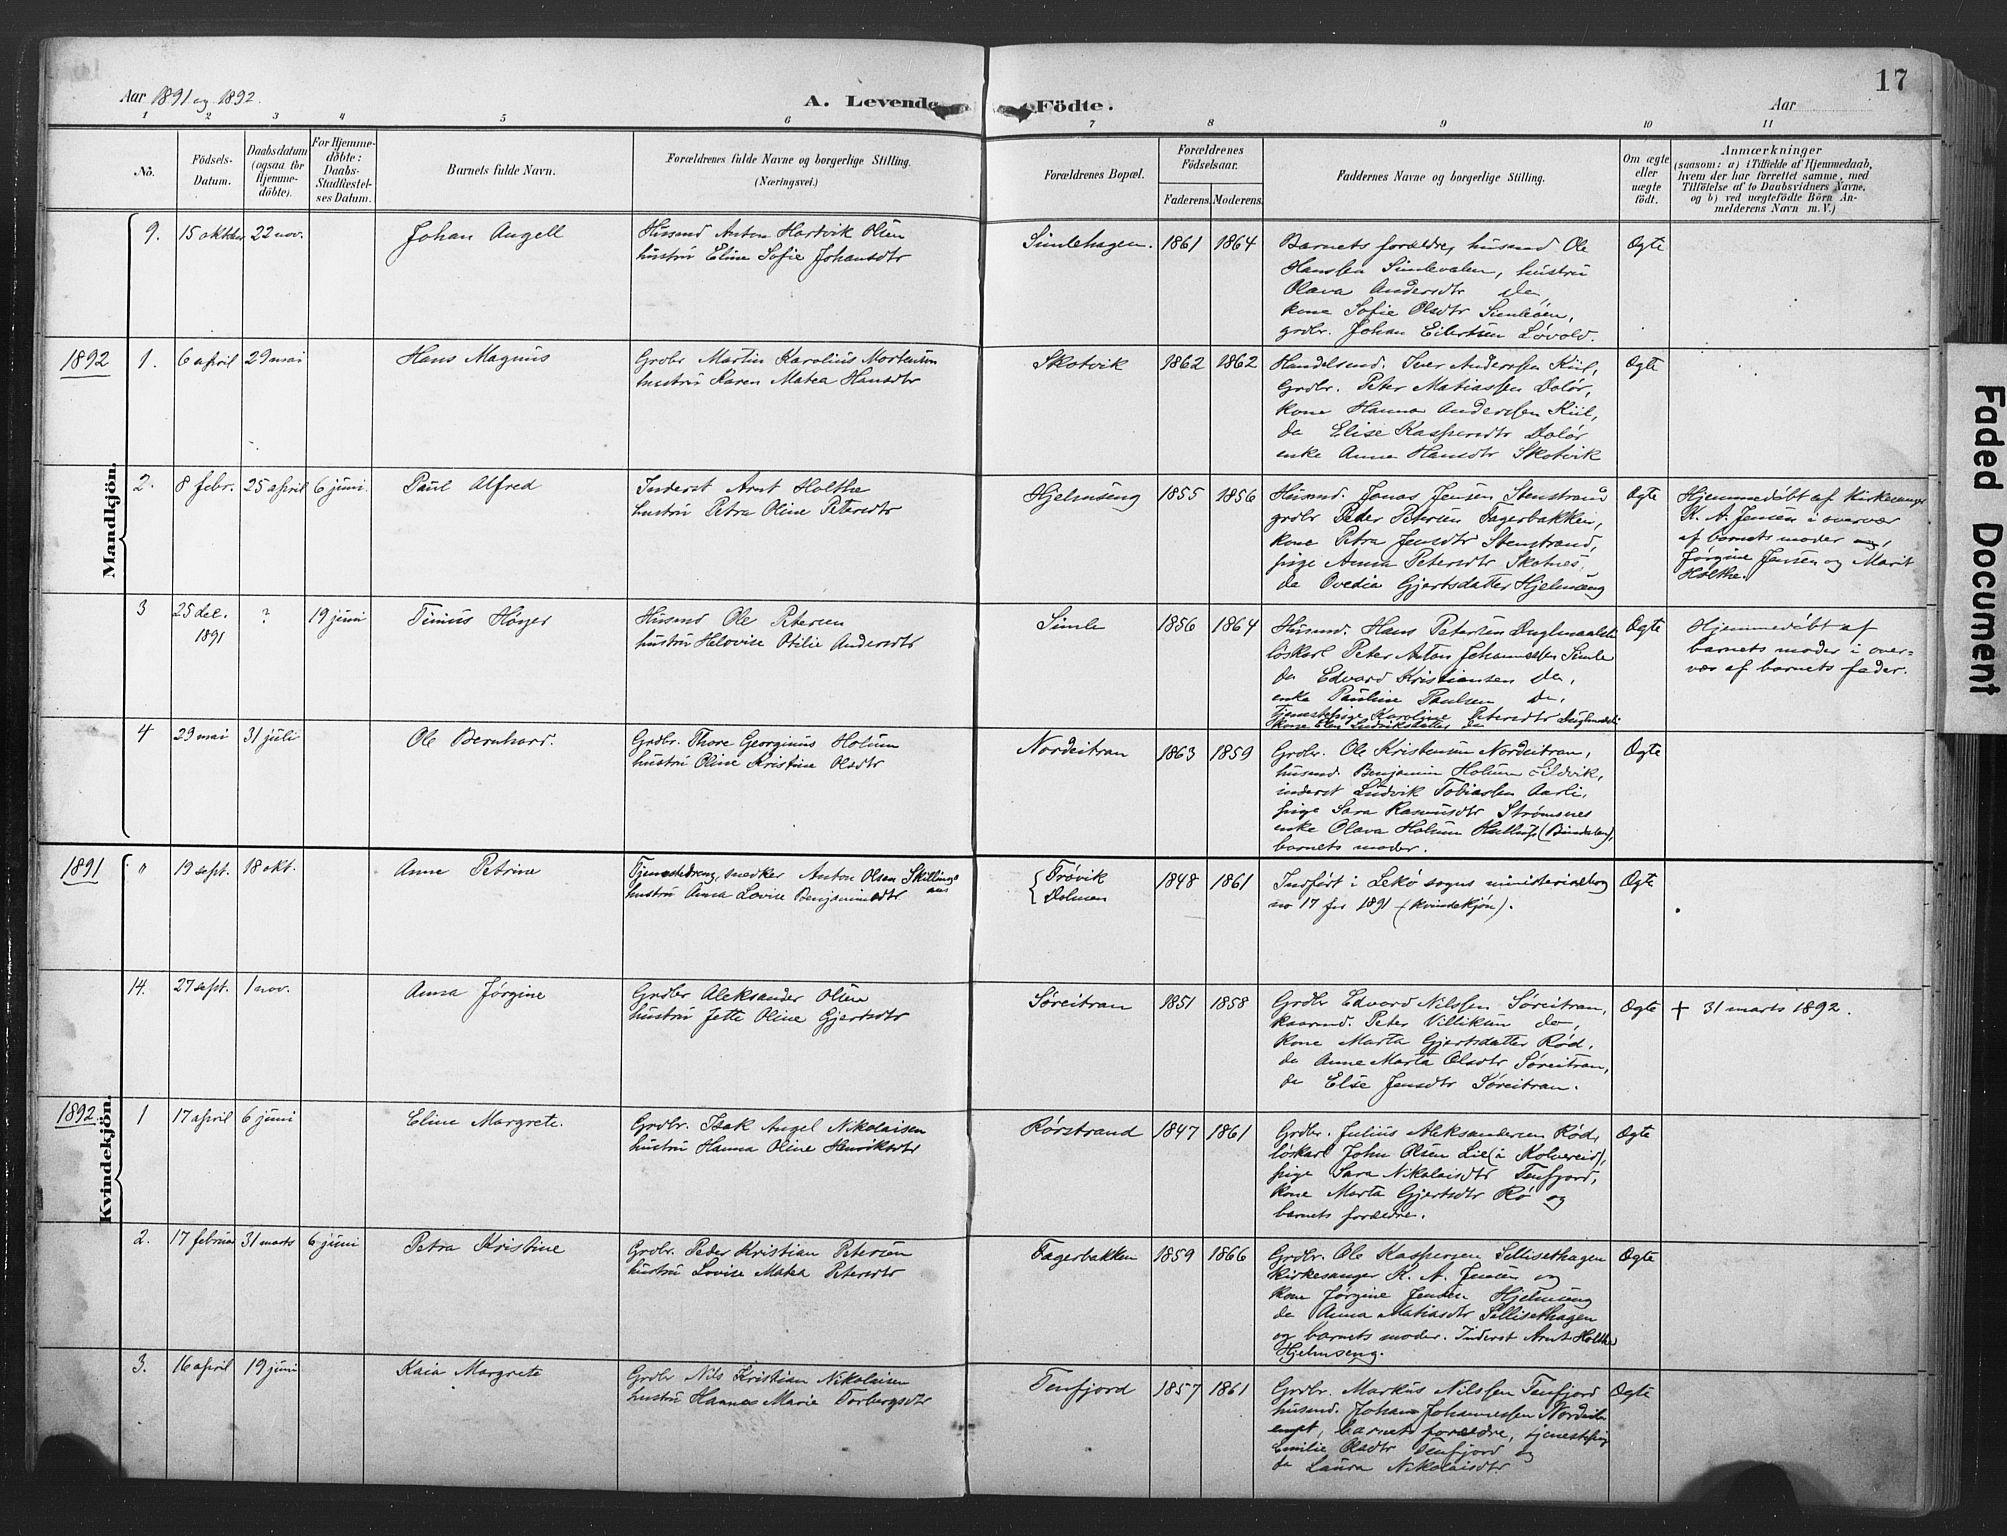 SAT, Ministerialprotokoller, klokkerbøker og fødselsregistre - Nord-Trøndelag, 789/L0706: Klokkerbok nr. 789C01, 1888-1931, s. 17